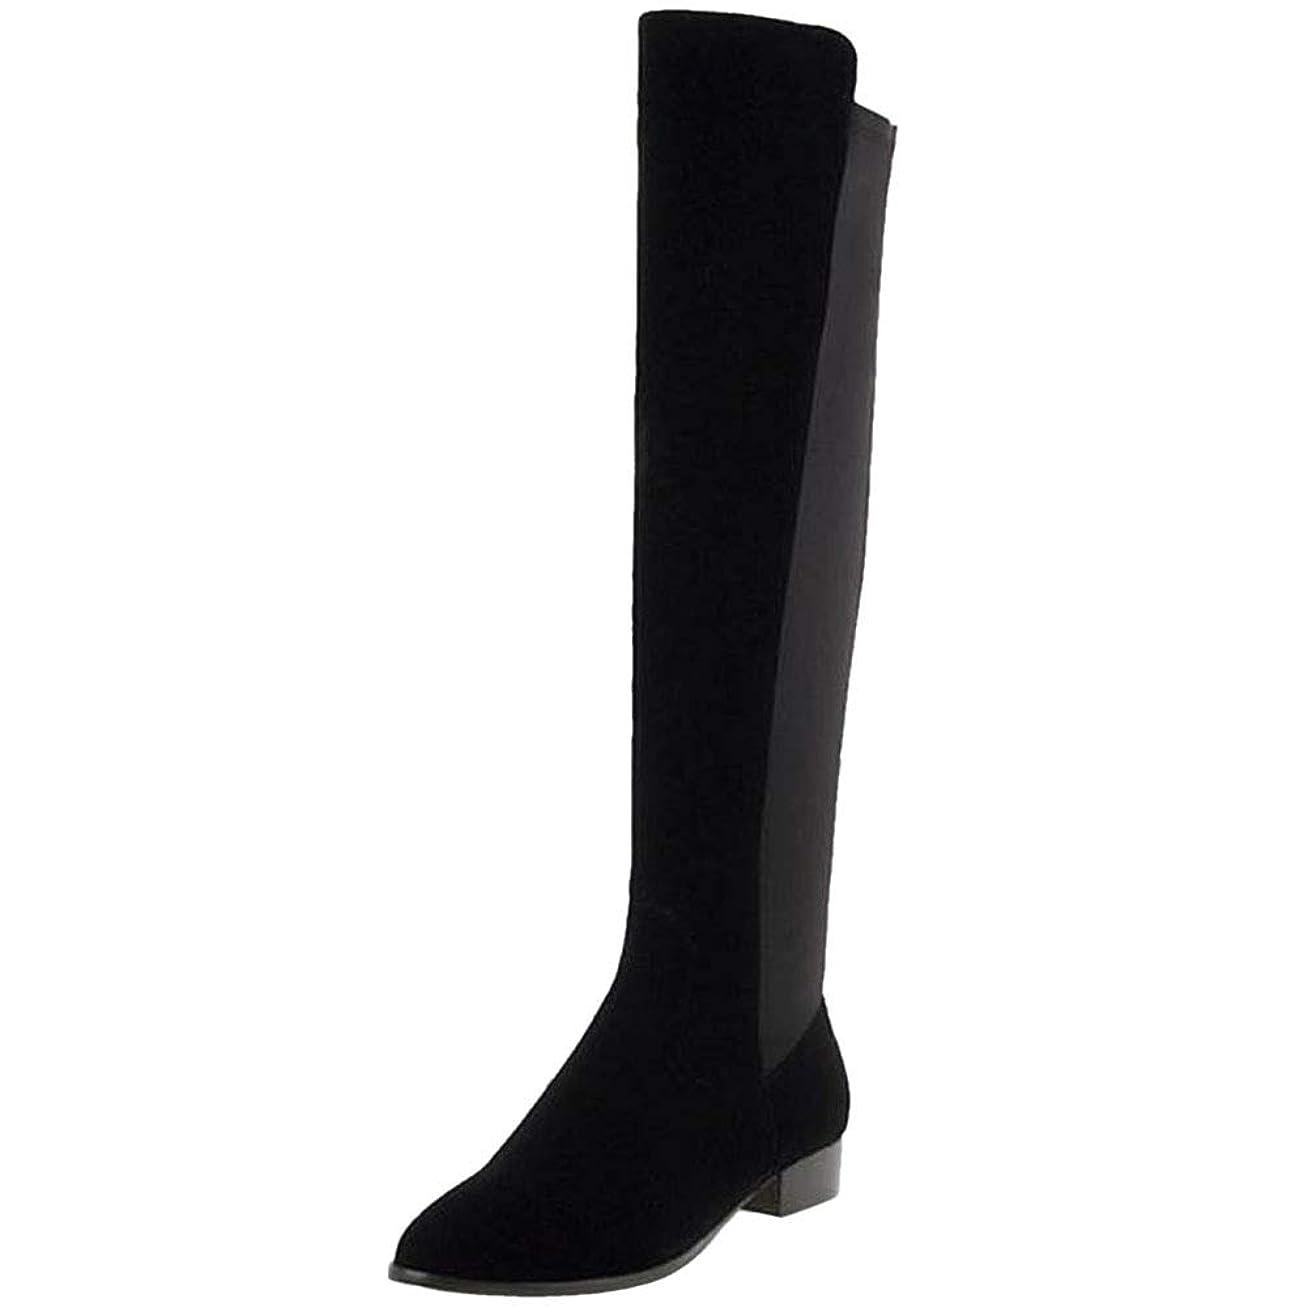 宣教師センチメートル許可する[RizaBina] レディース シンプル ロングブーツ サイドファスナー ローヒール ブーツ 乗馬靴